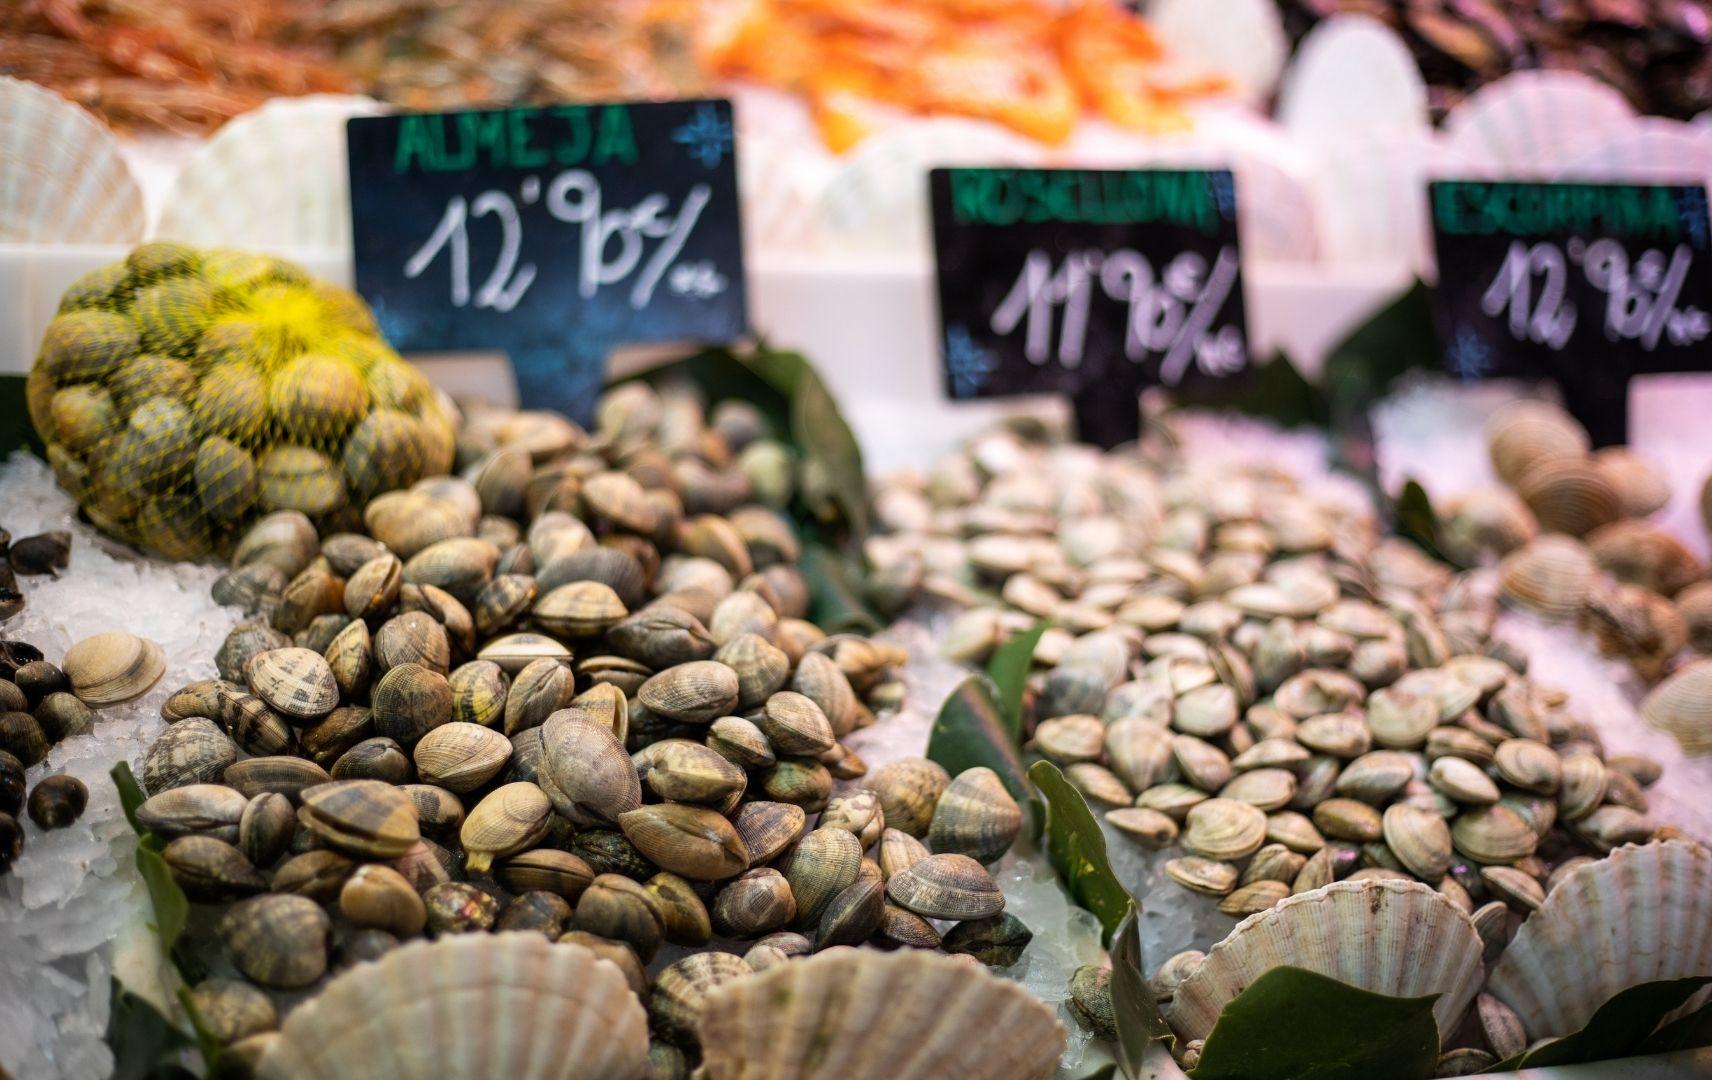 Mercat de la Boqueria, Barcelona